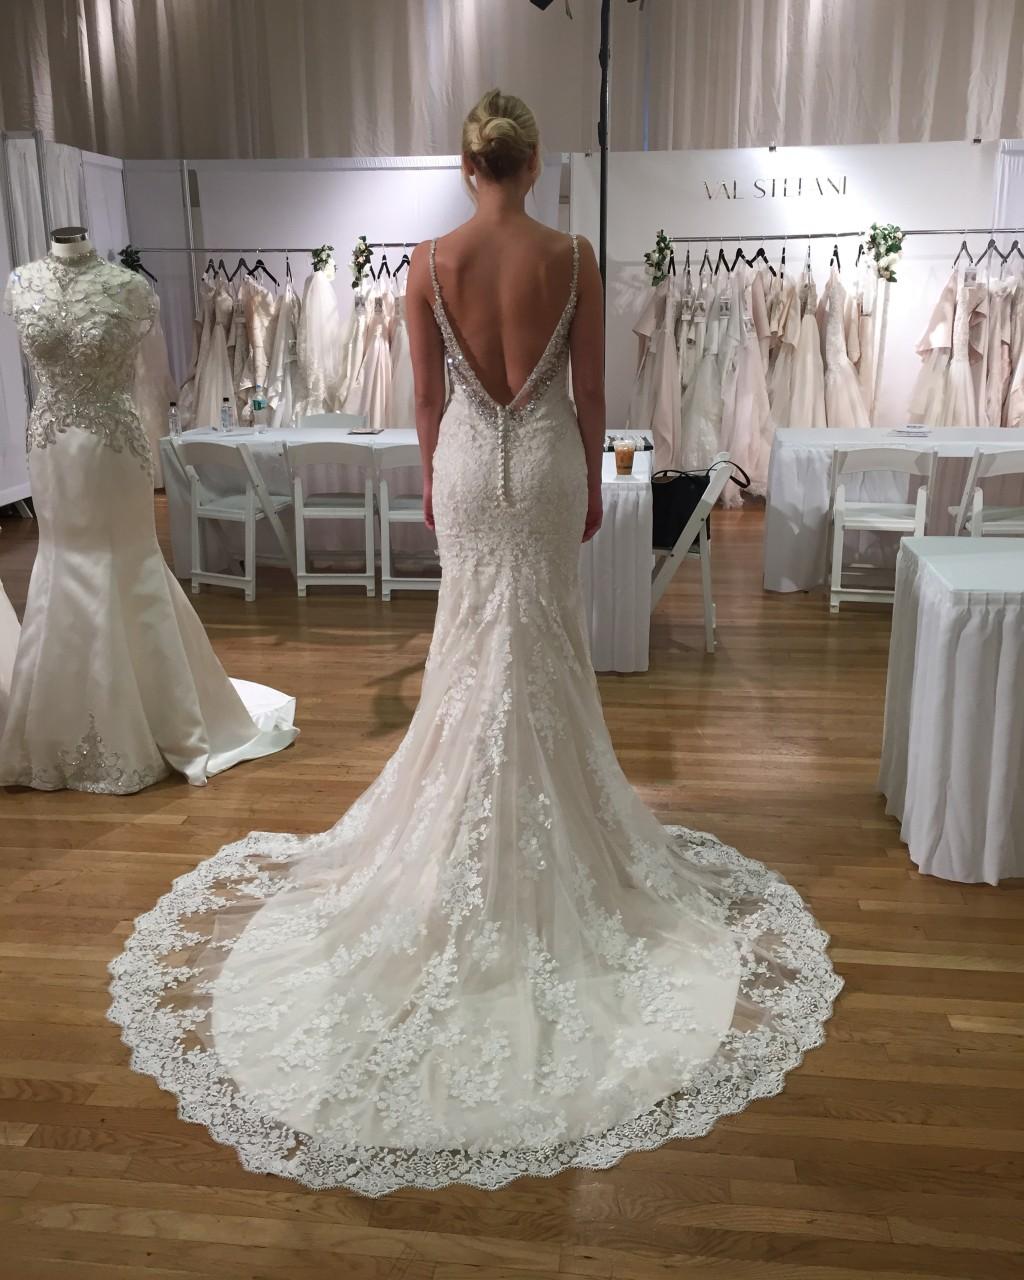 New York City Bridal Market Recap